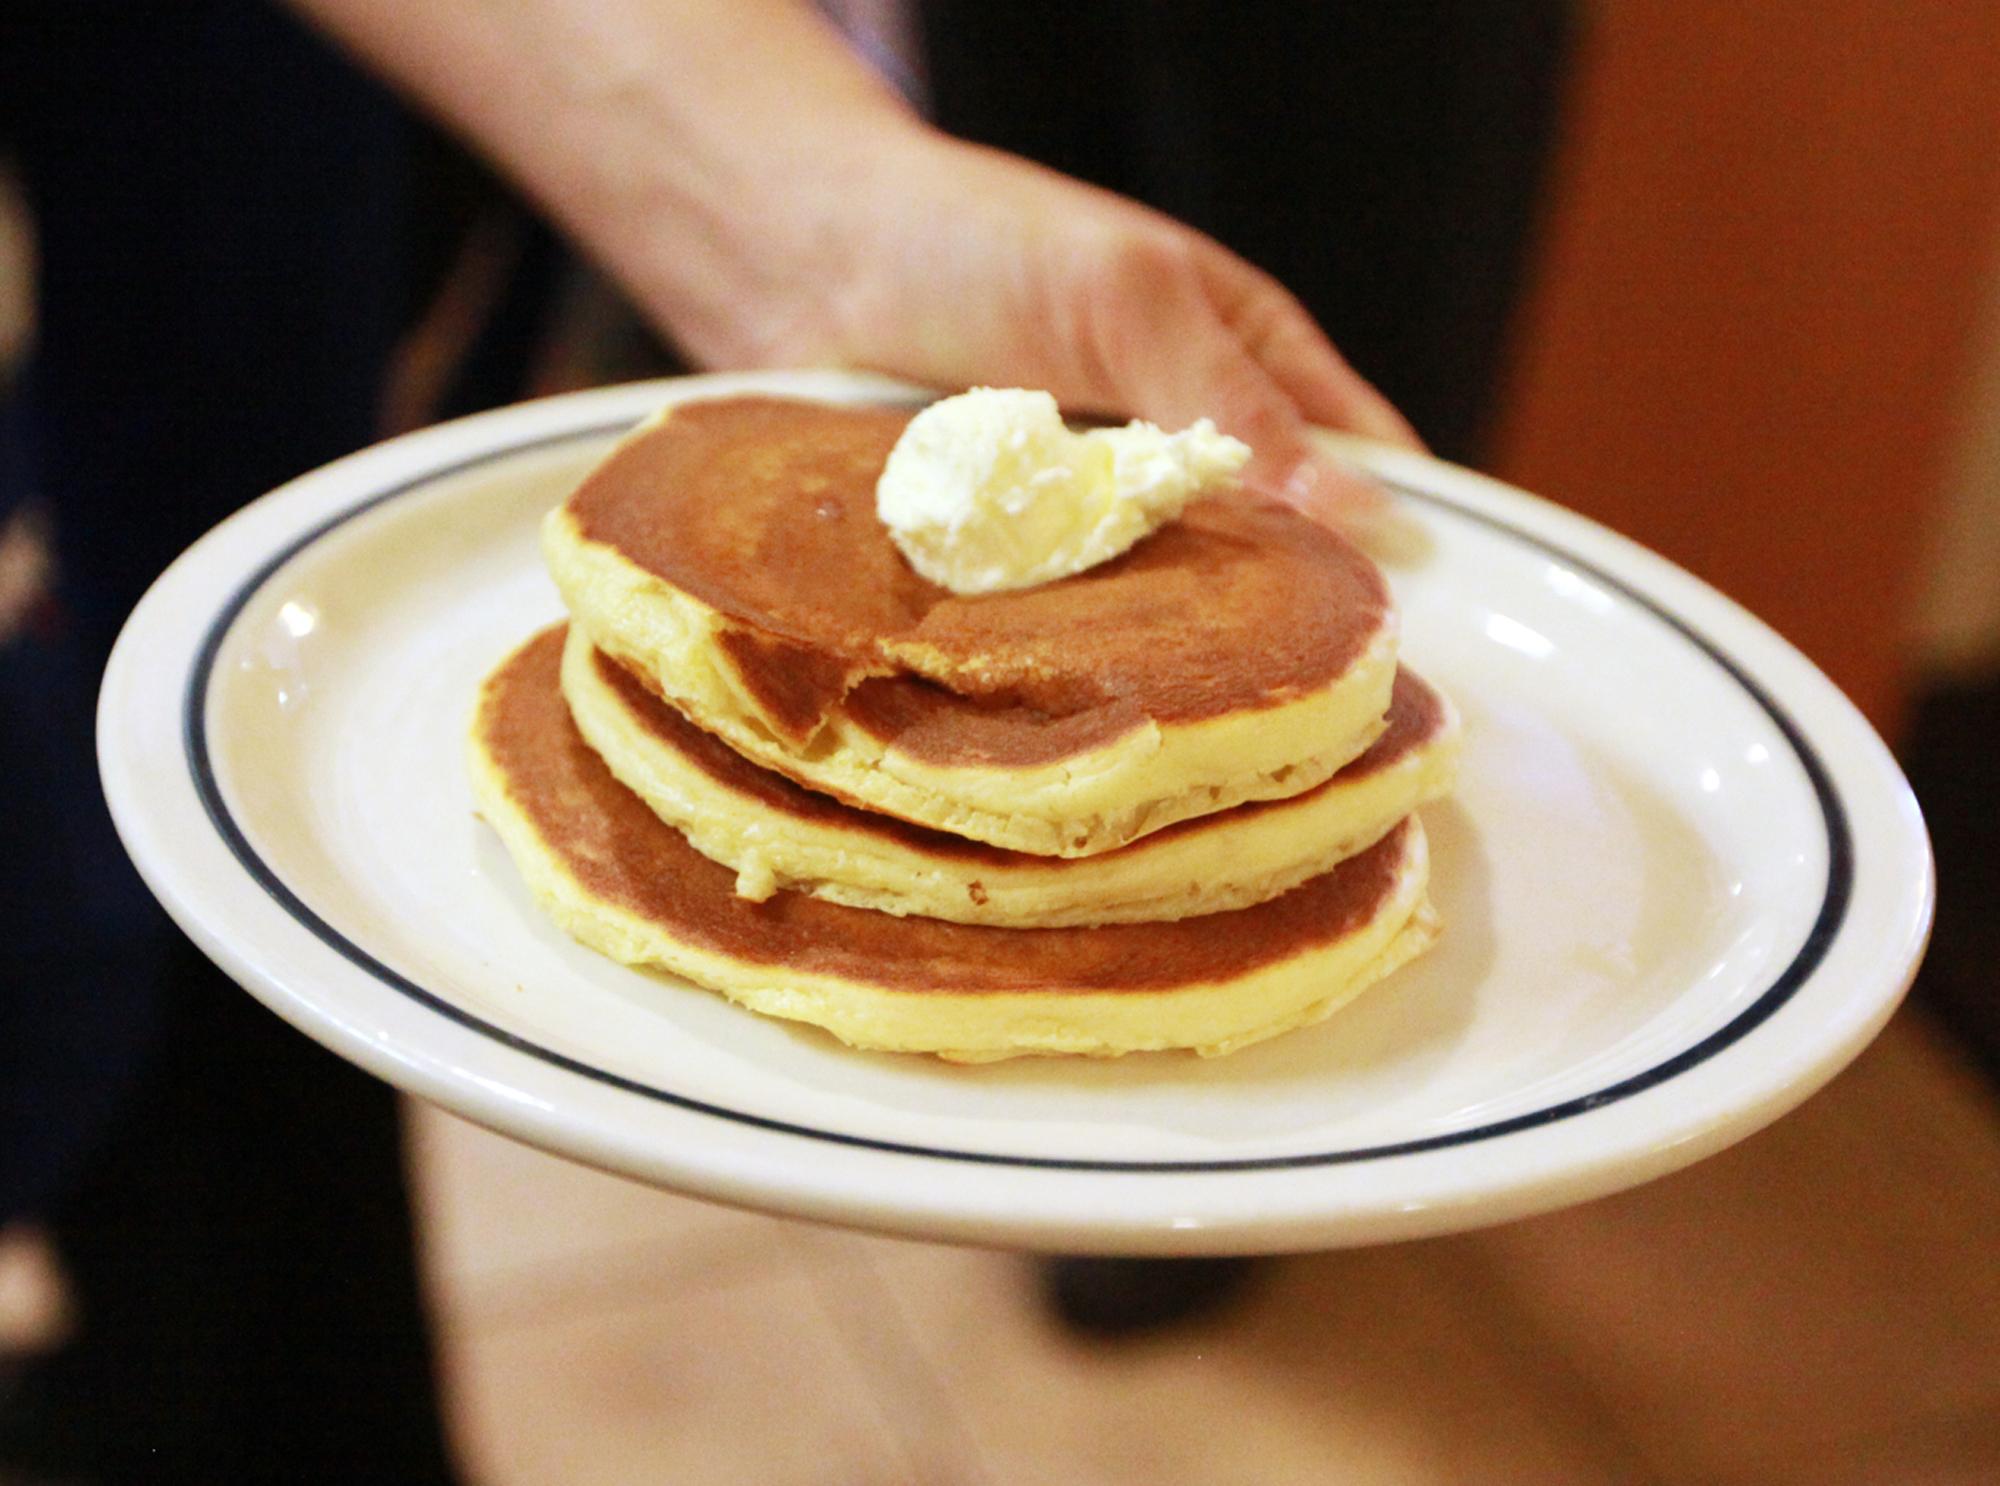 Pancakes on National Pancake Day